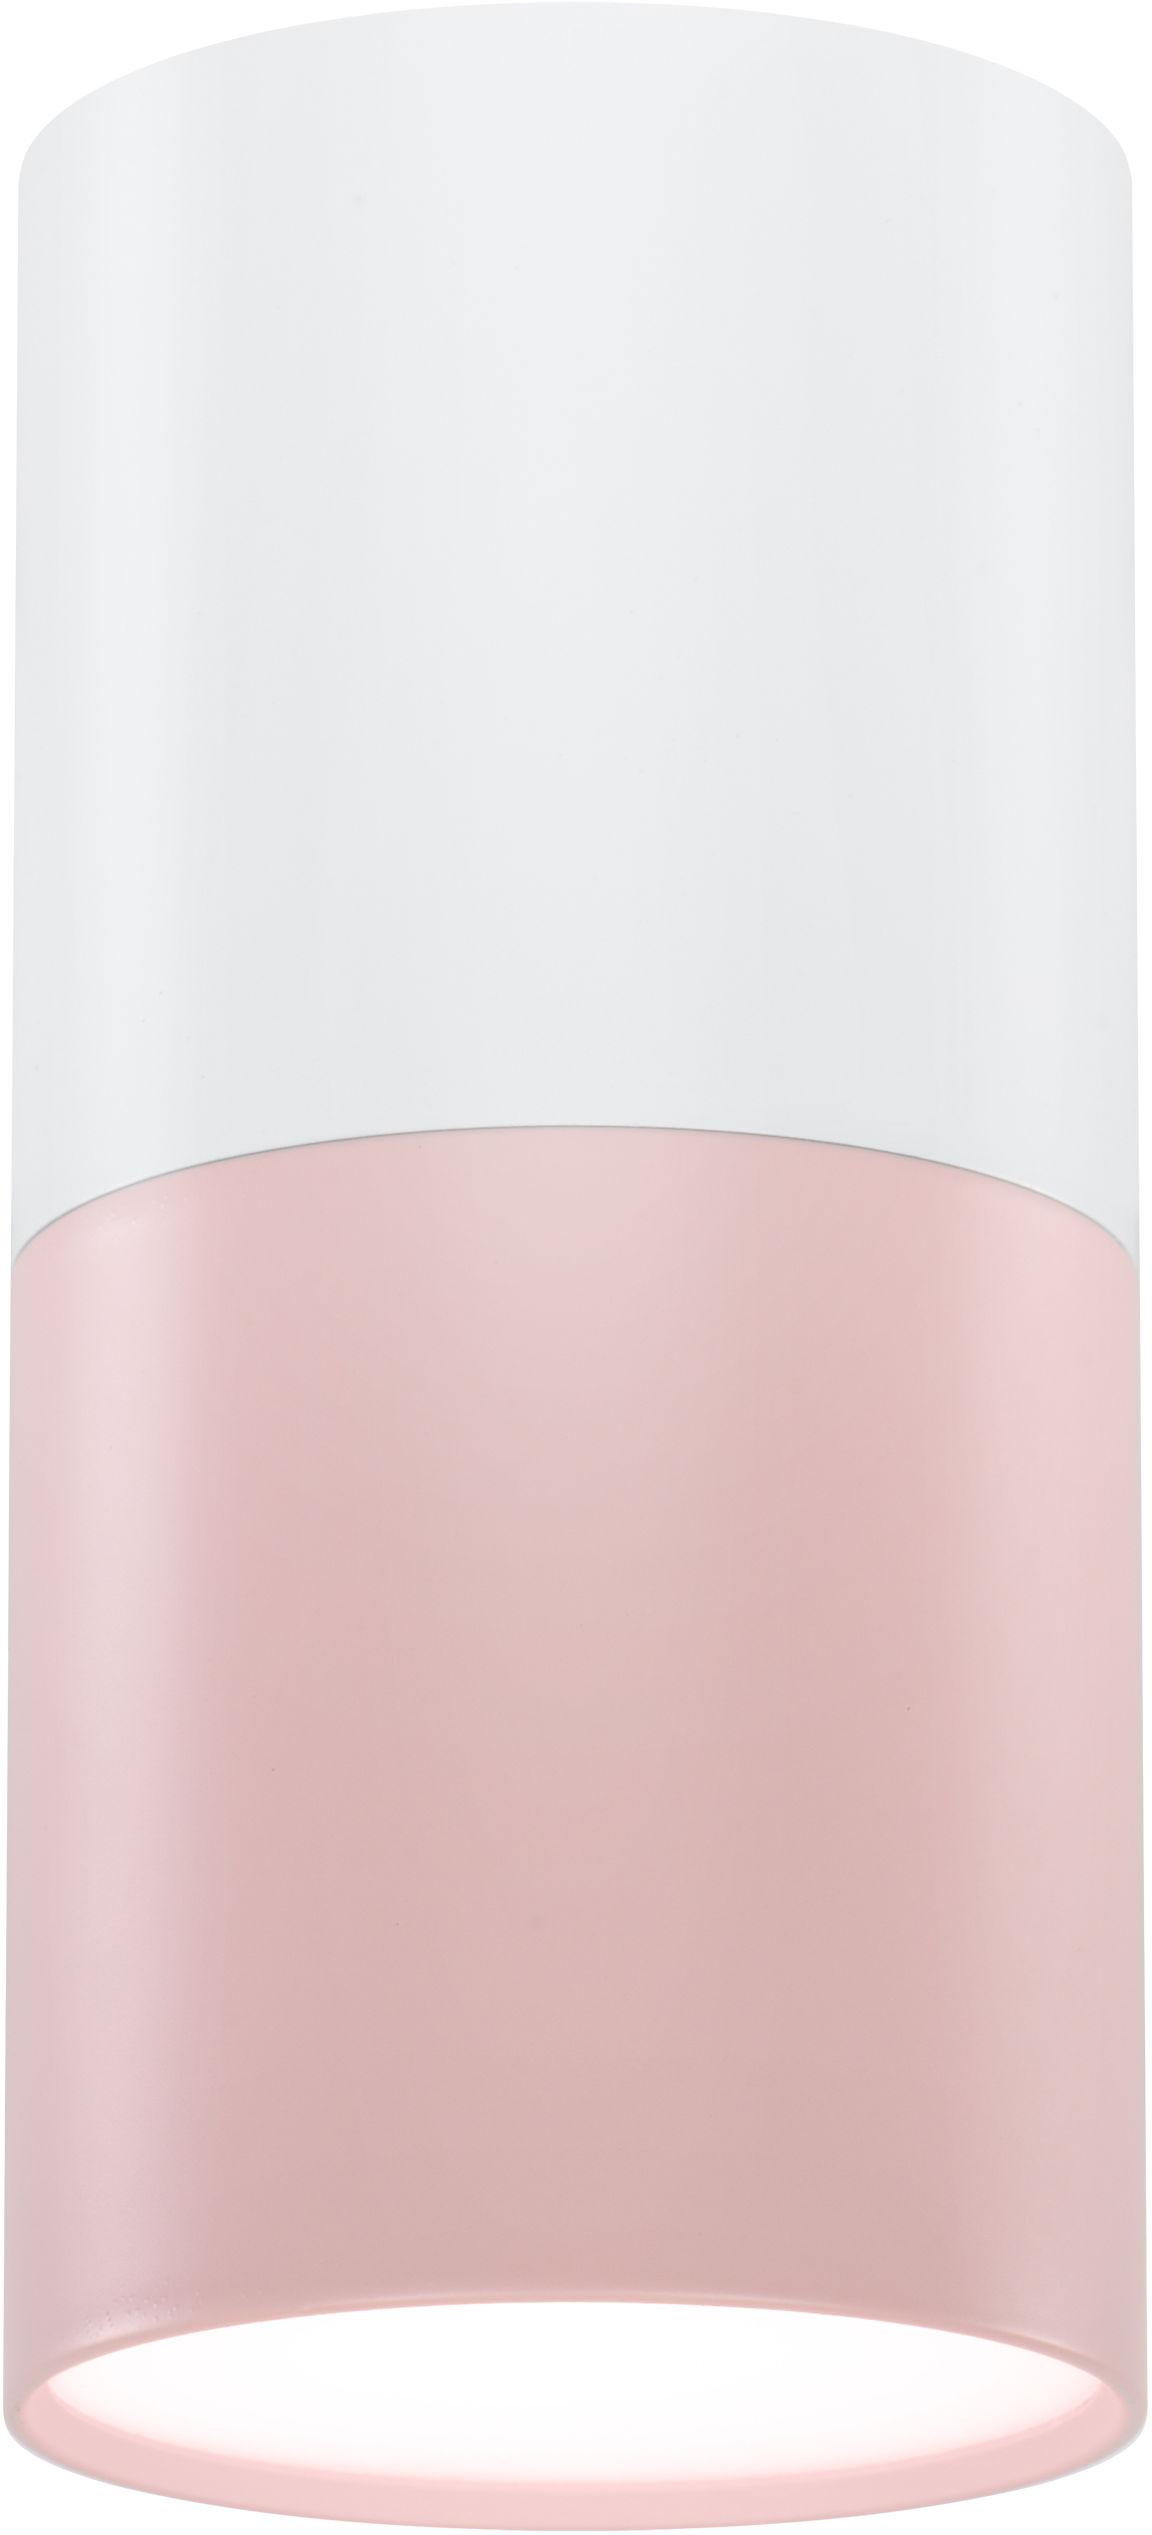 Candellux TUBA 2273662 oprawa stropowa natynkowa różowy + biały 1X50W GU10 13 cm